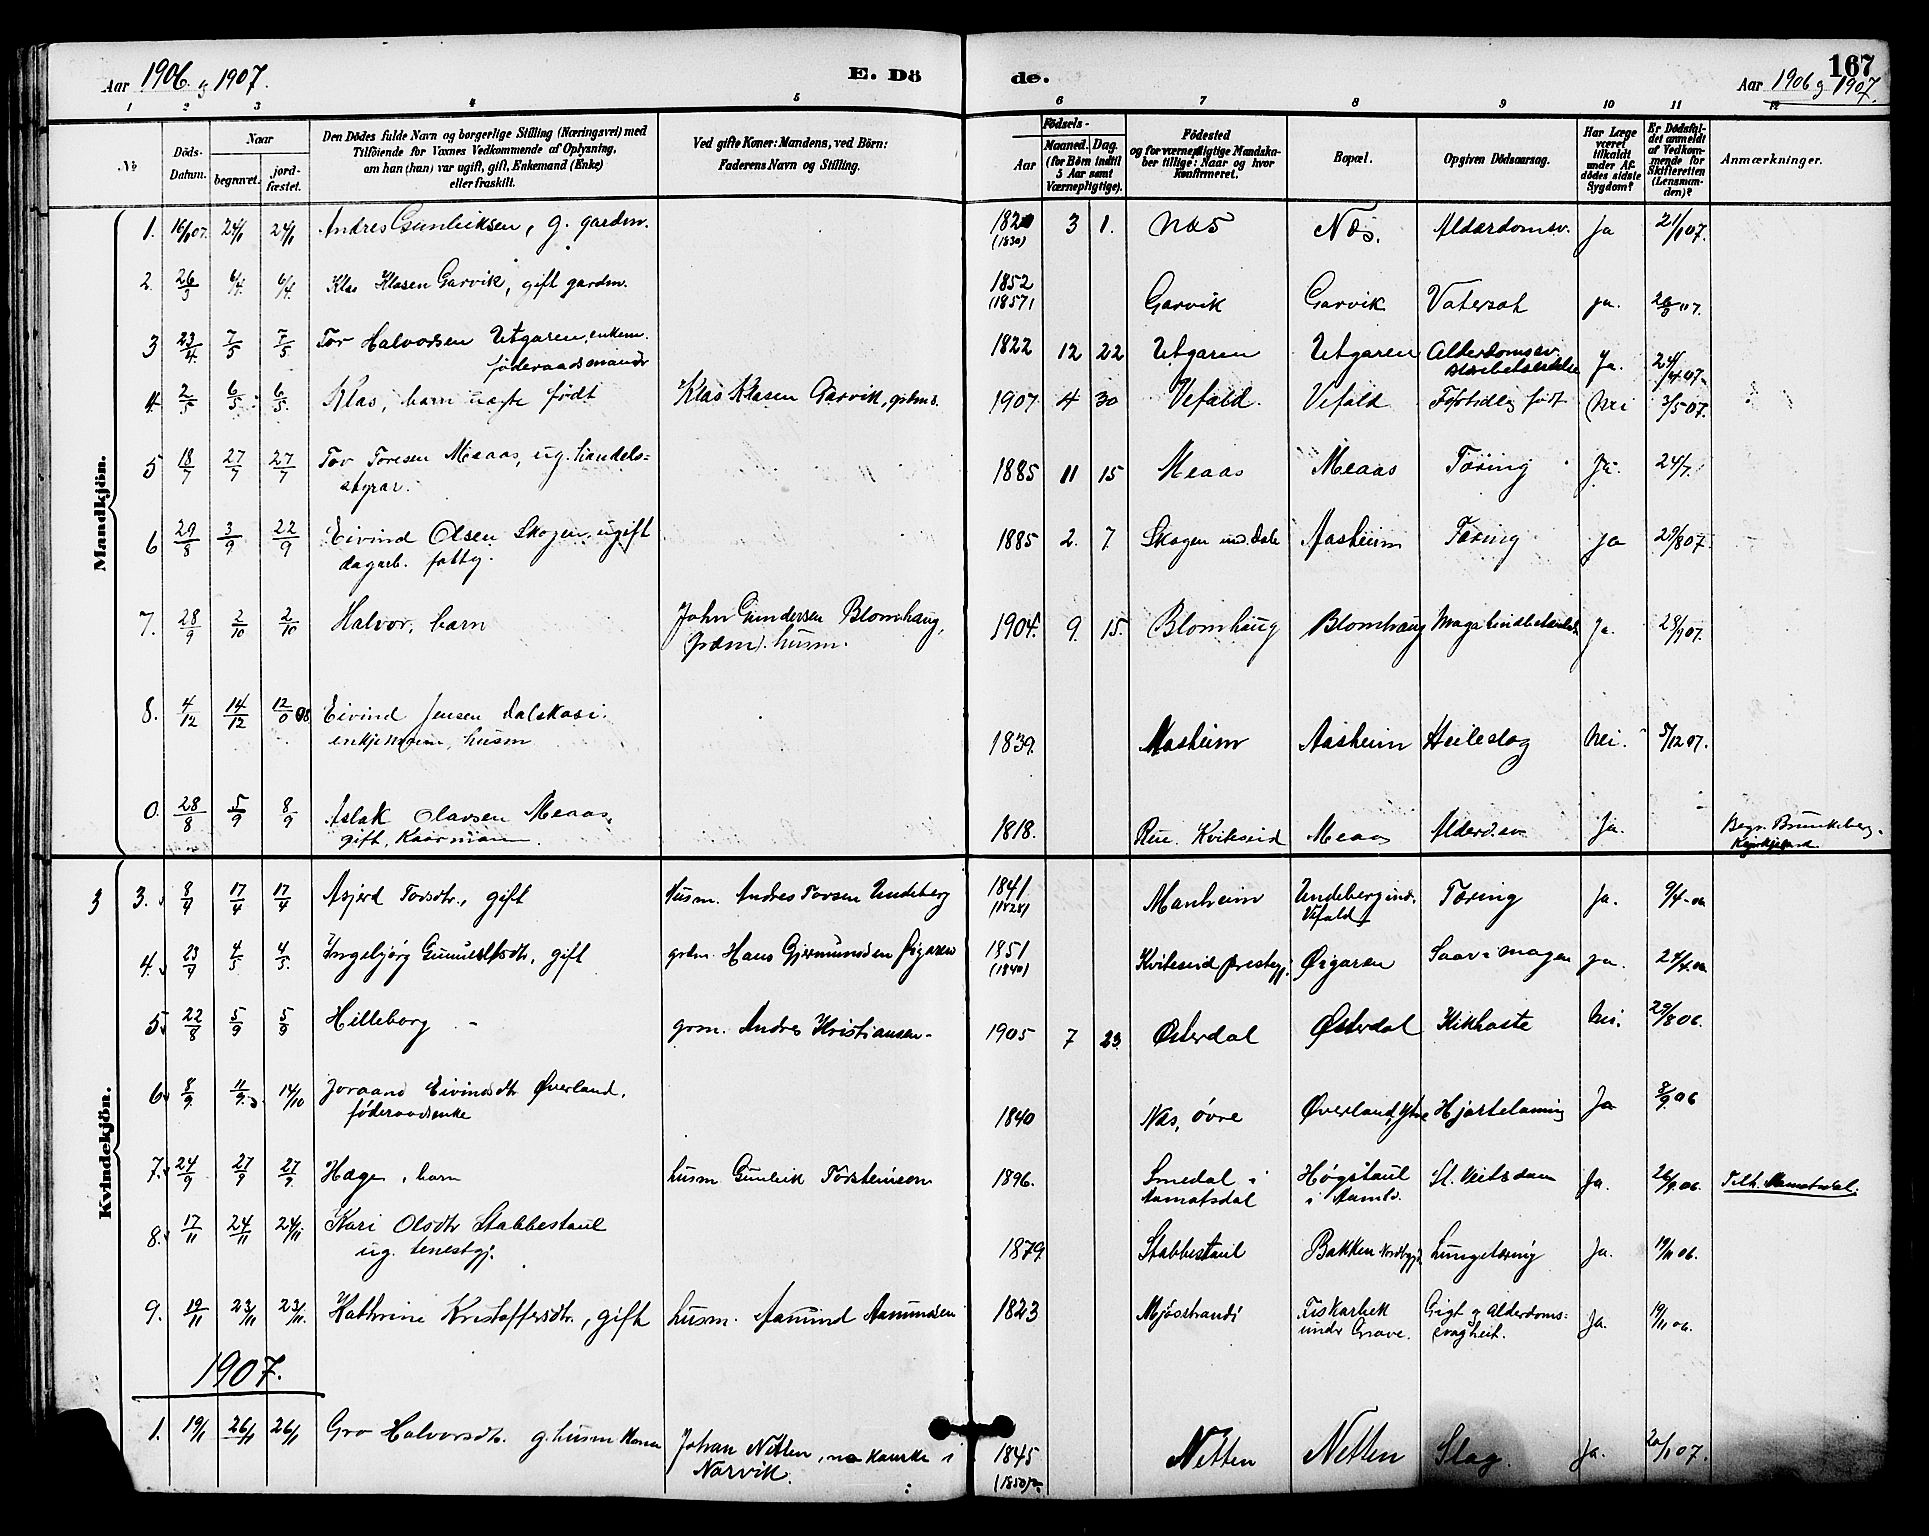 SAKO, Seljord kirkebøker, G/Ga/L0005: Klokkerbok nr. I 5, 1887-1914, s. 167